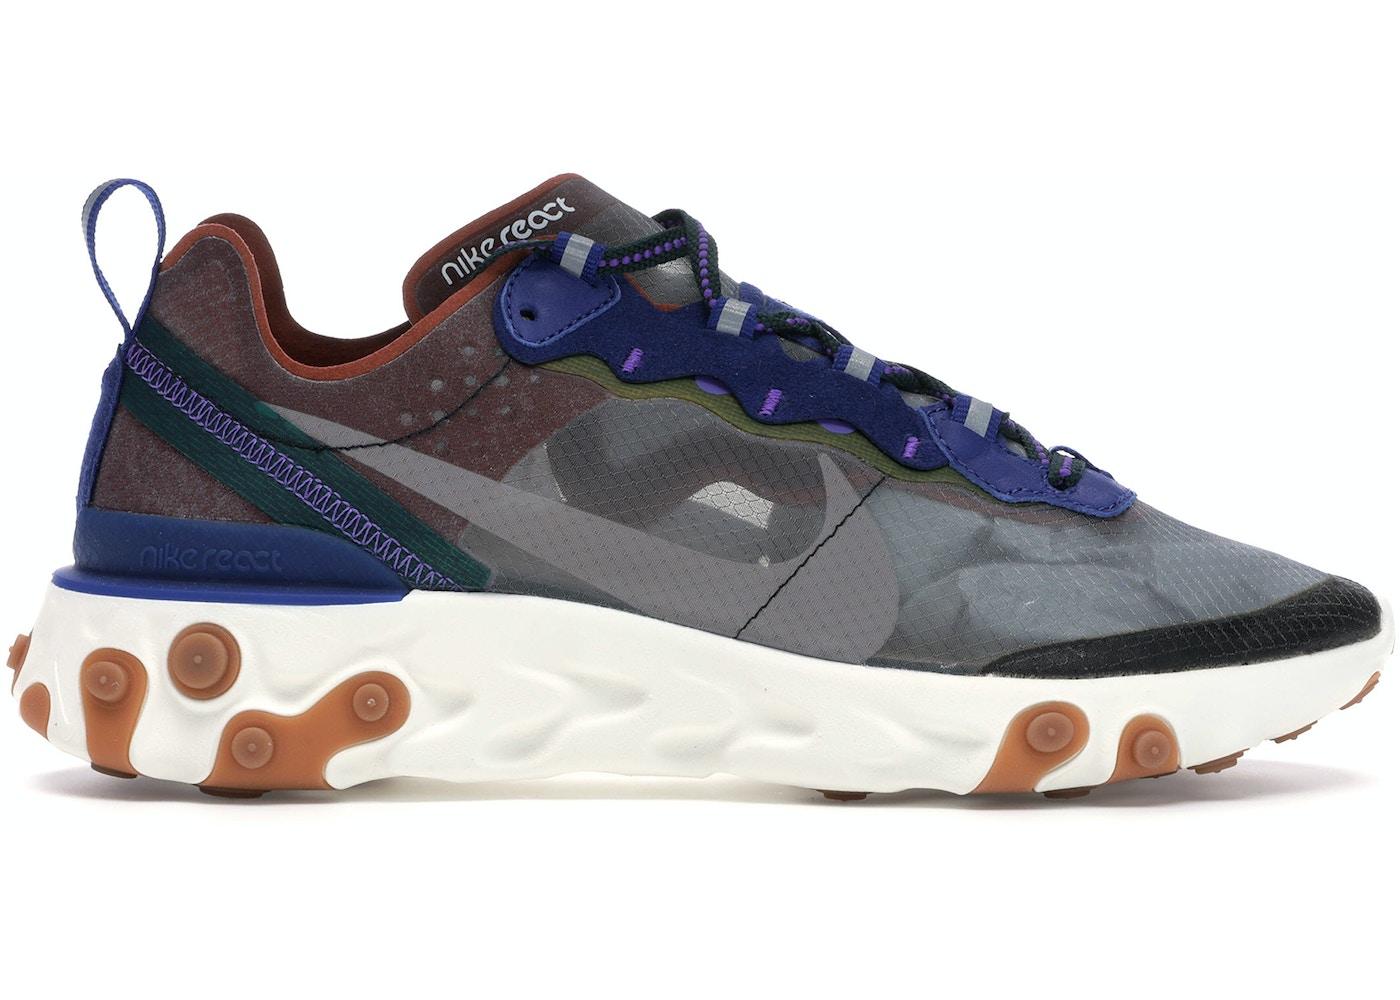 hermosa en color diseños atractivos buscar el más nuevo Nike React Element 87 Dusty Peach - AQ1090-200